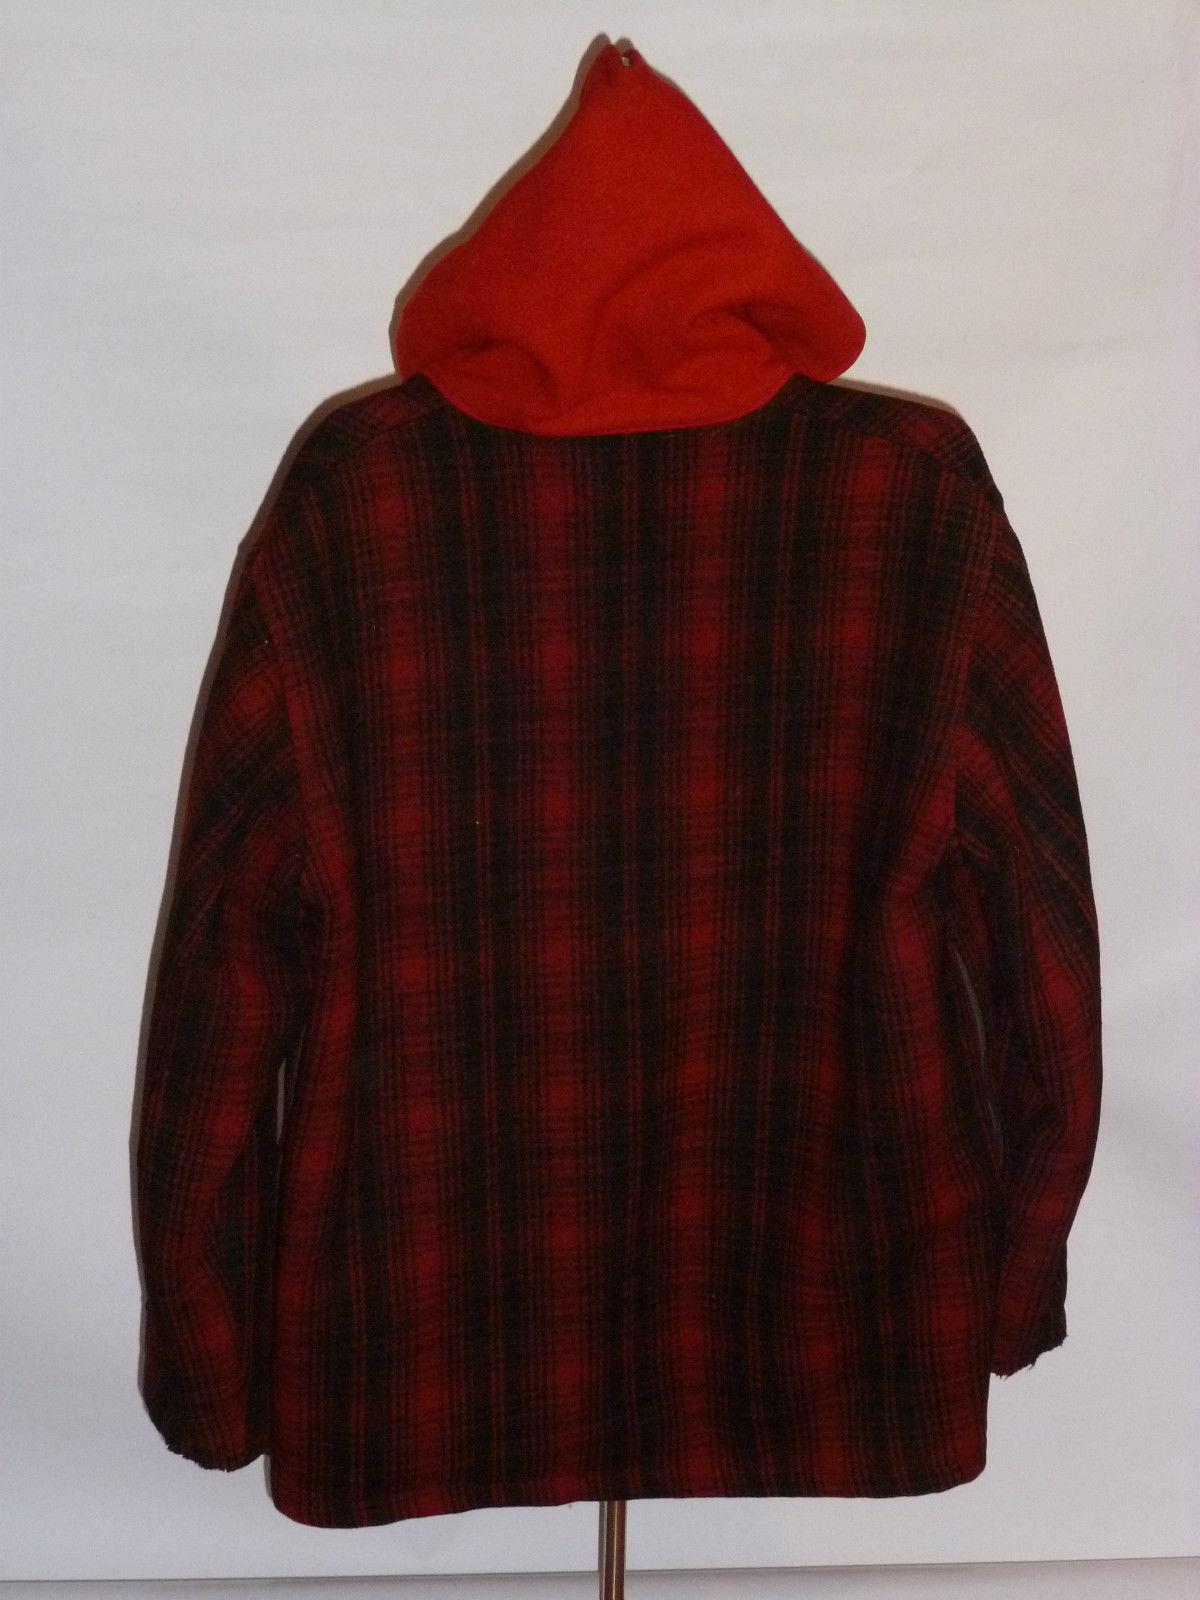 a53d1e320ba82 Vintage Woolrich Plaid Wool Jacket | Classic Vintage Apparel